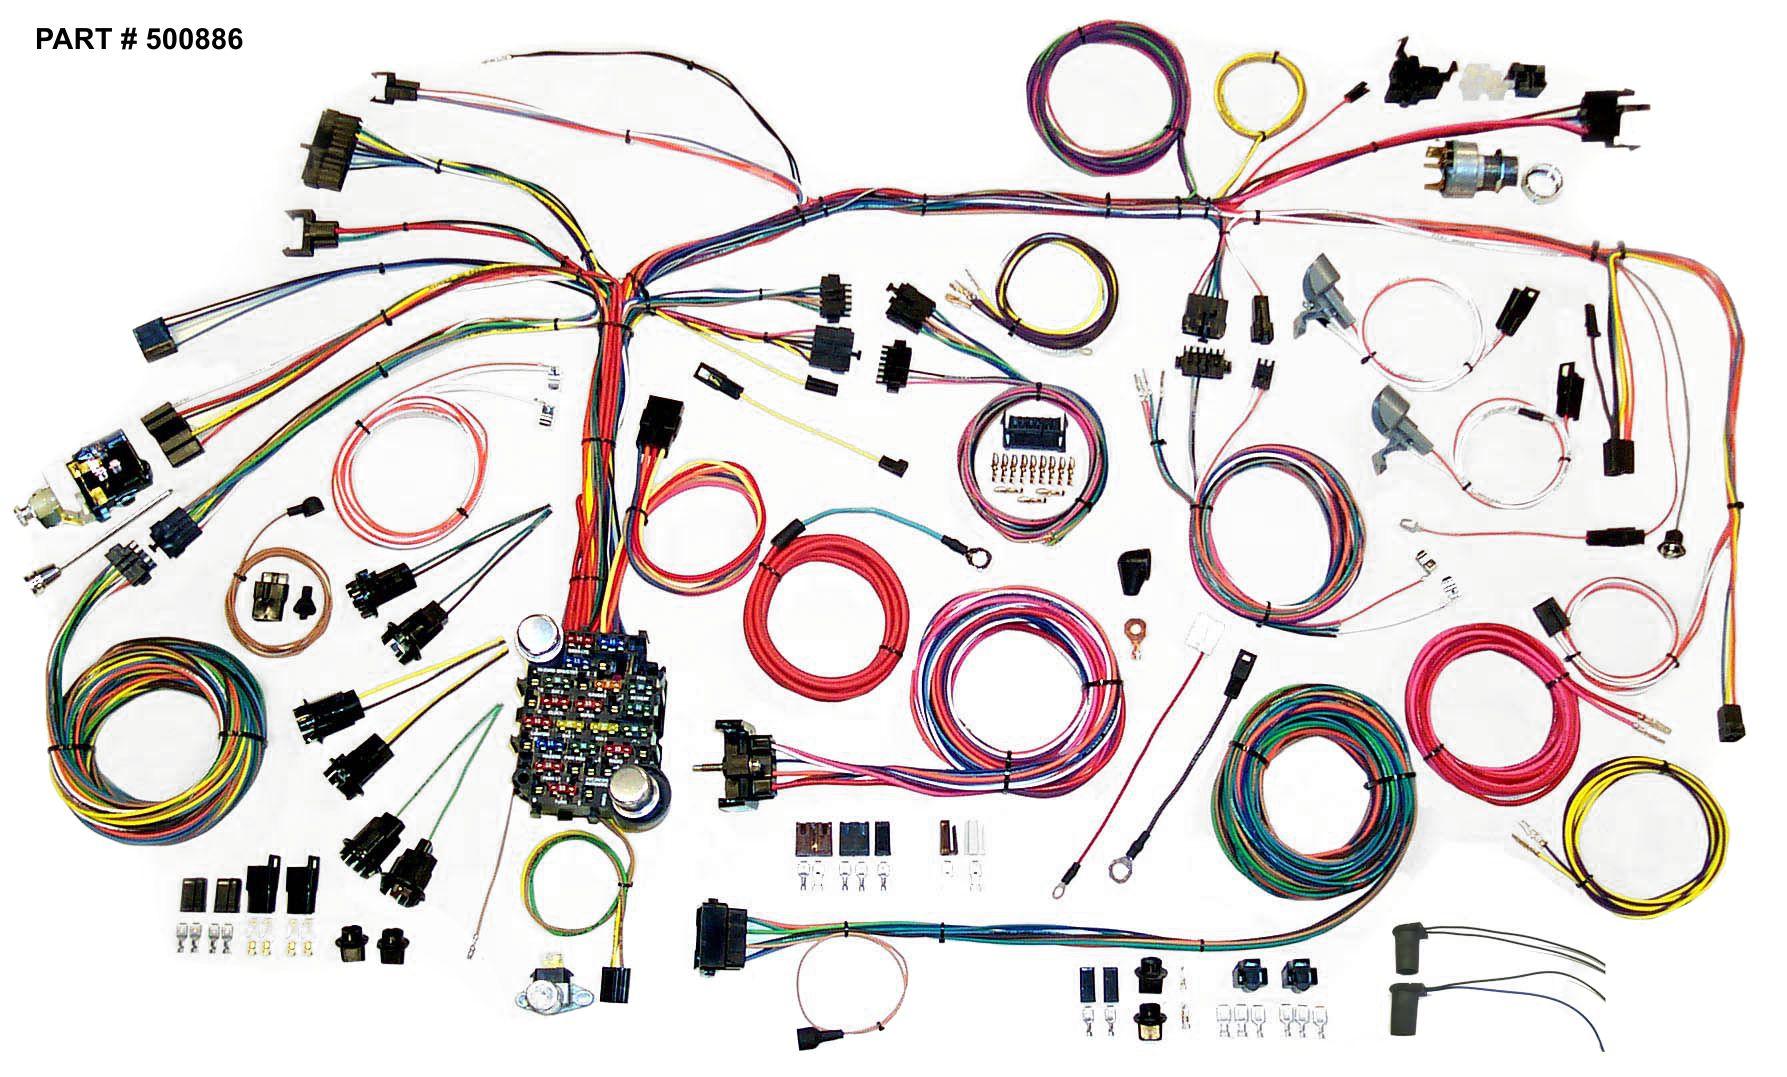 hight resolution of 1967 1968 pontiac firebird restomod wiring system1967 68 firebird restomod wiring harness system